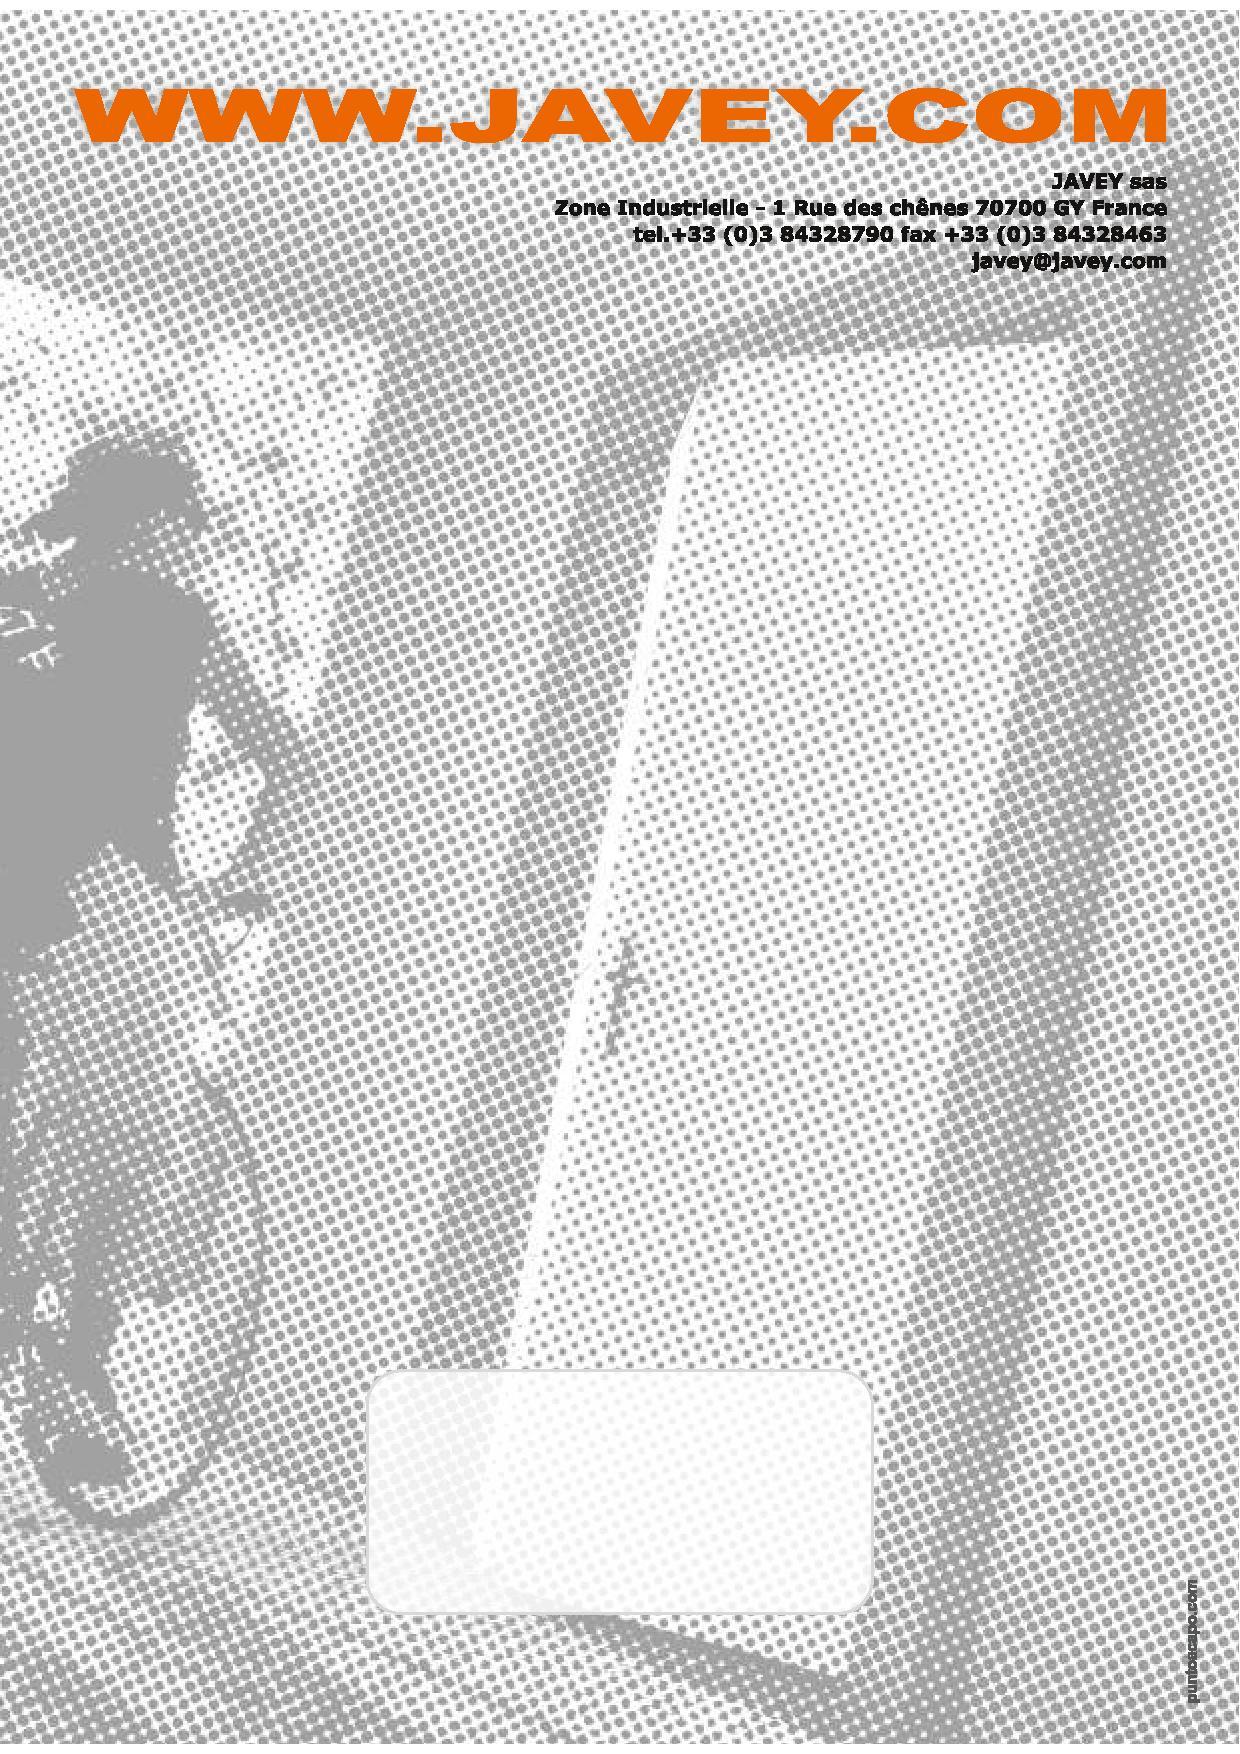 catalogue-Hera-Javey-page-012